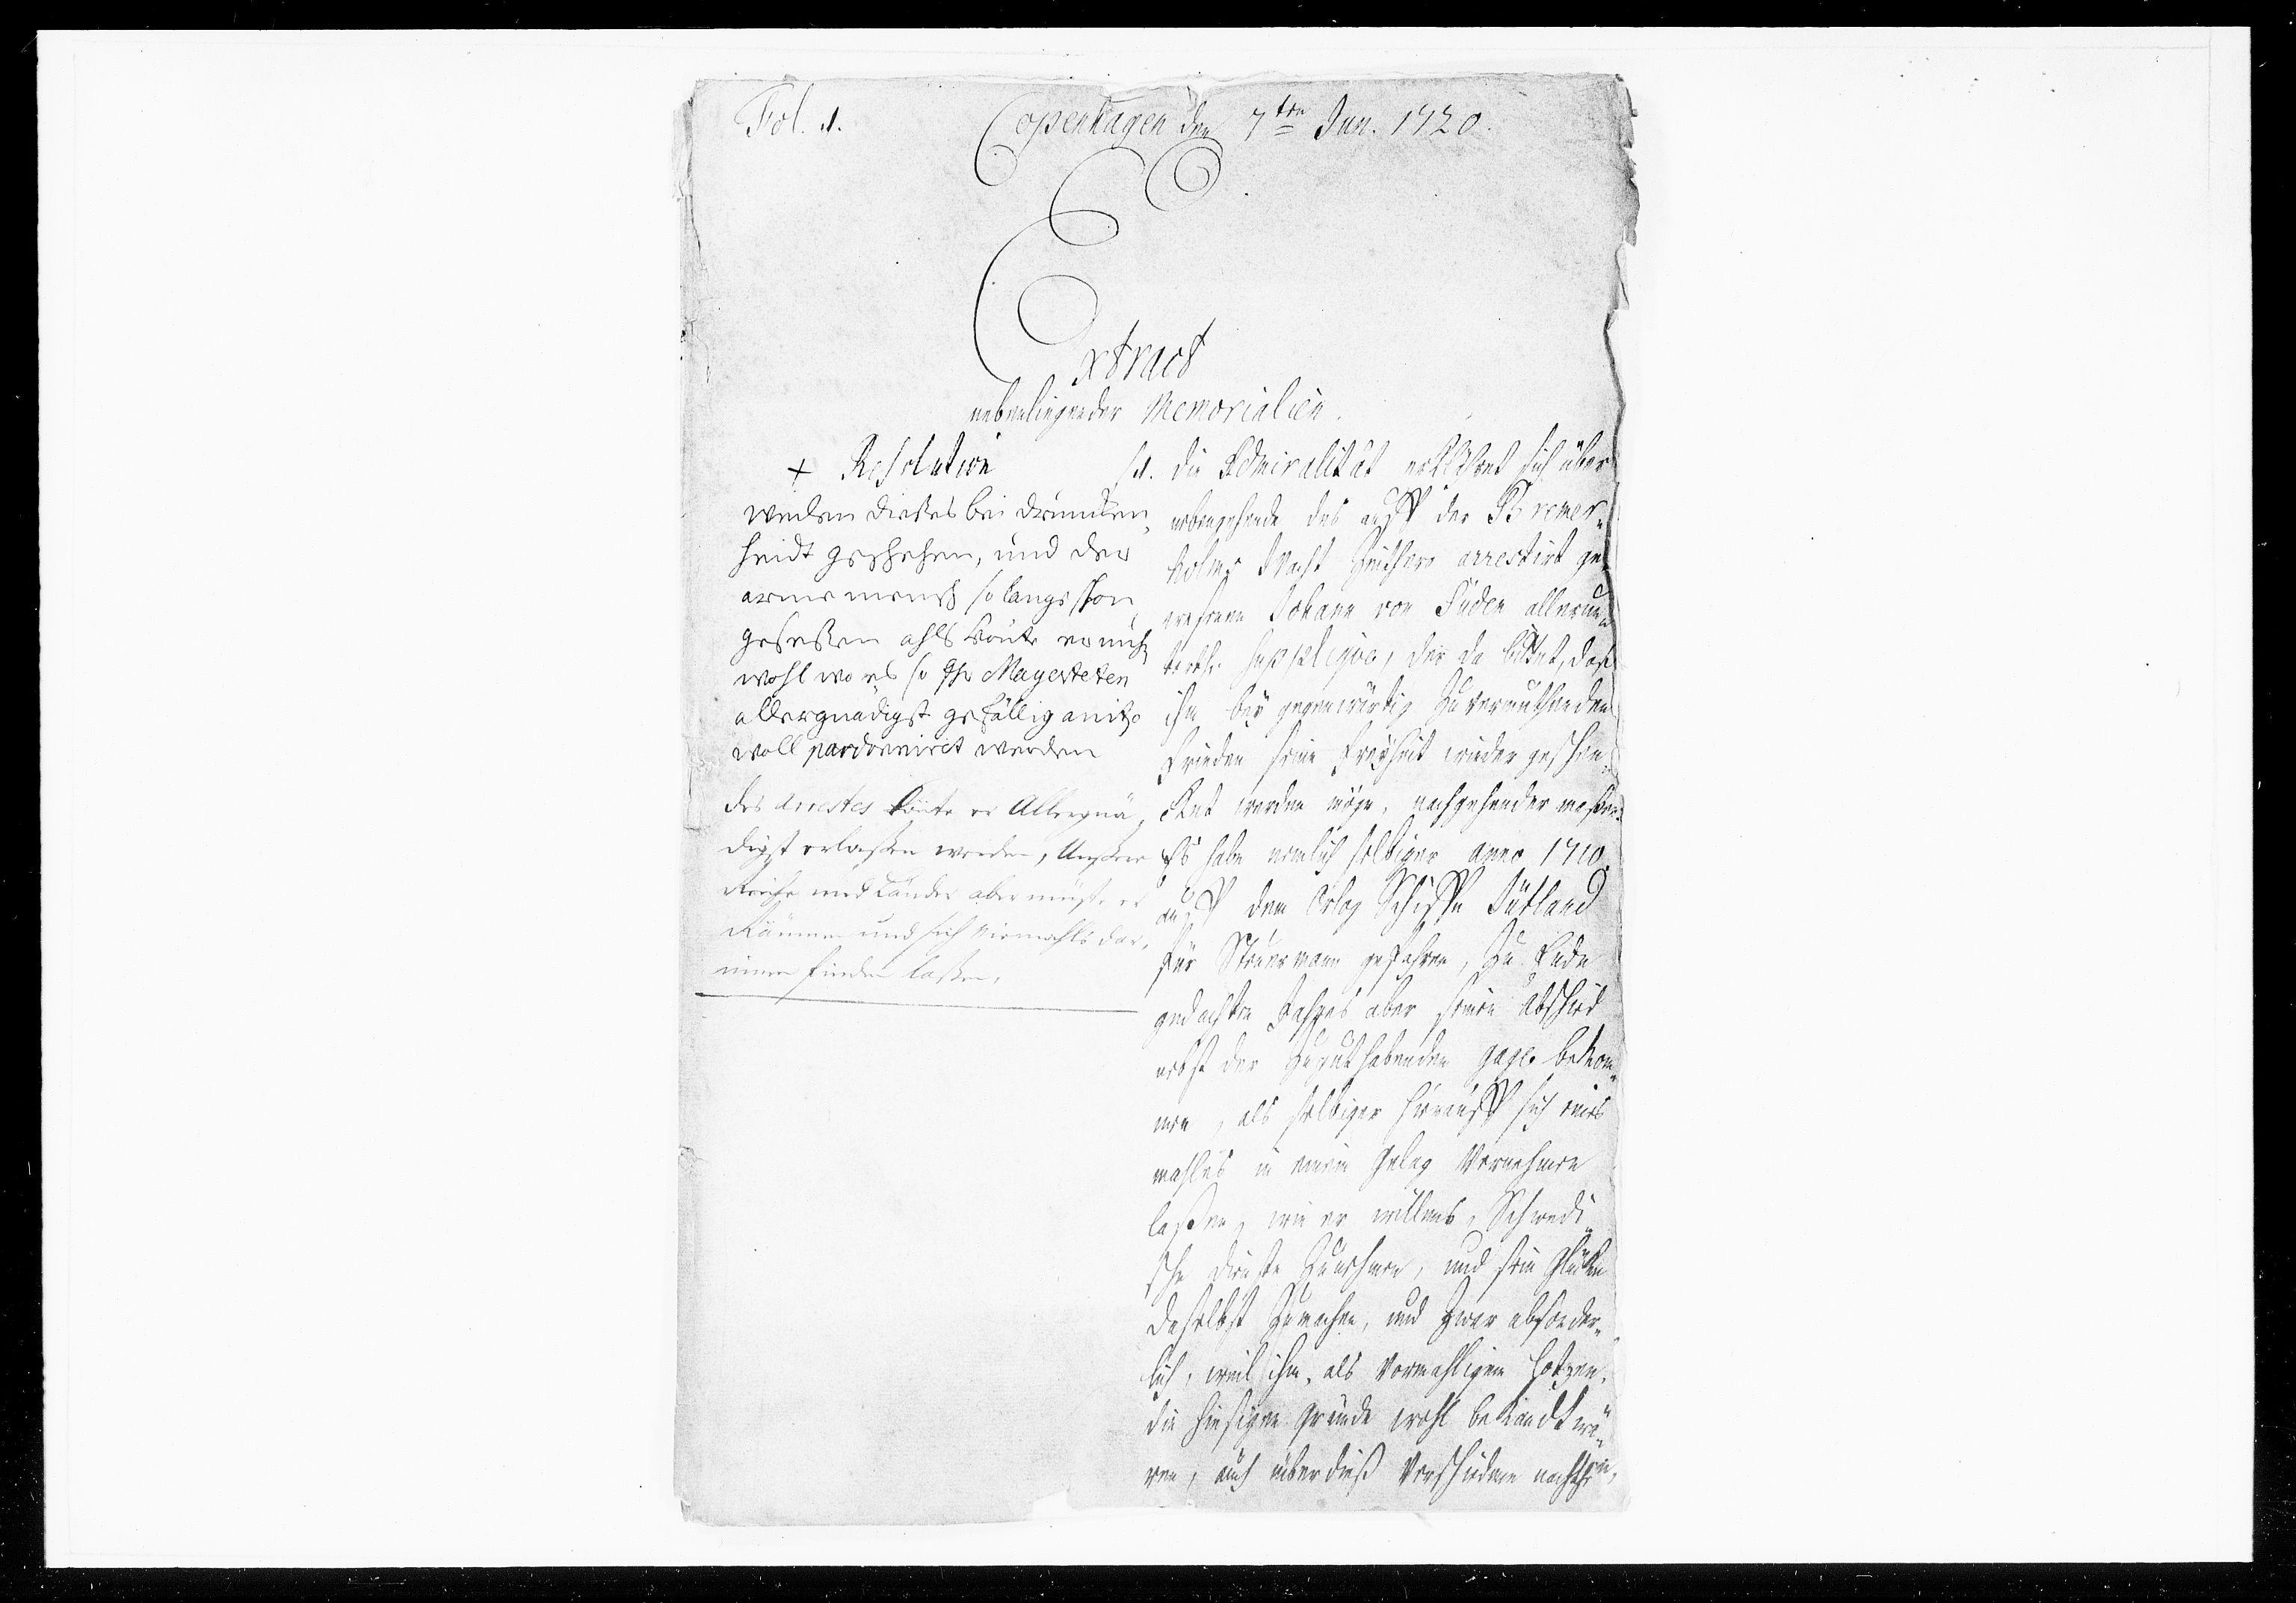 DRA, Krigskollegiet, Krigskancelliet, -/1057-1060: Refererede sager, 1720, s. 175